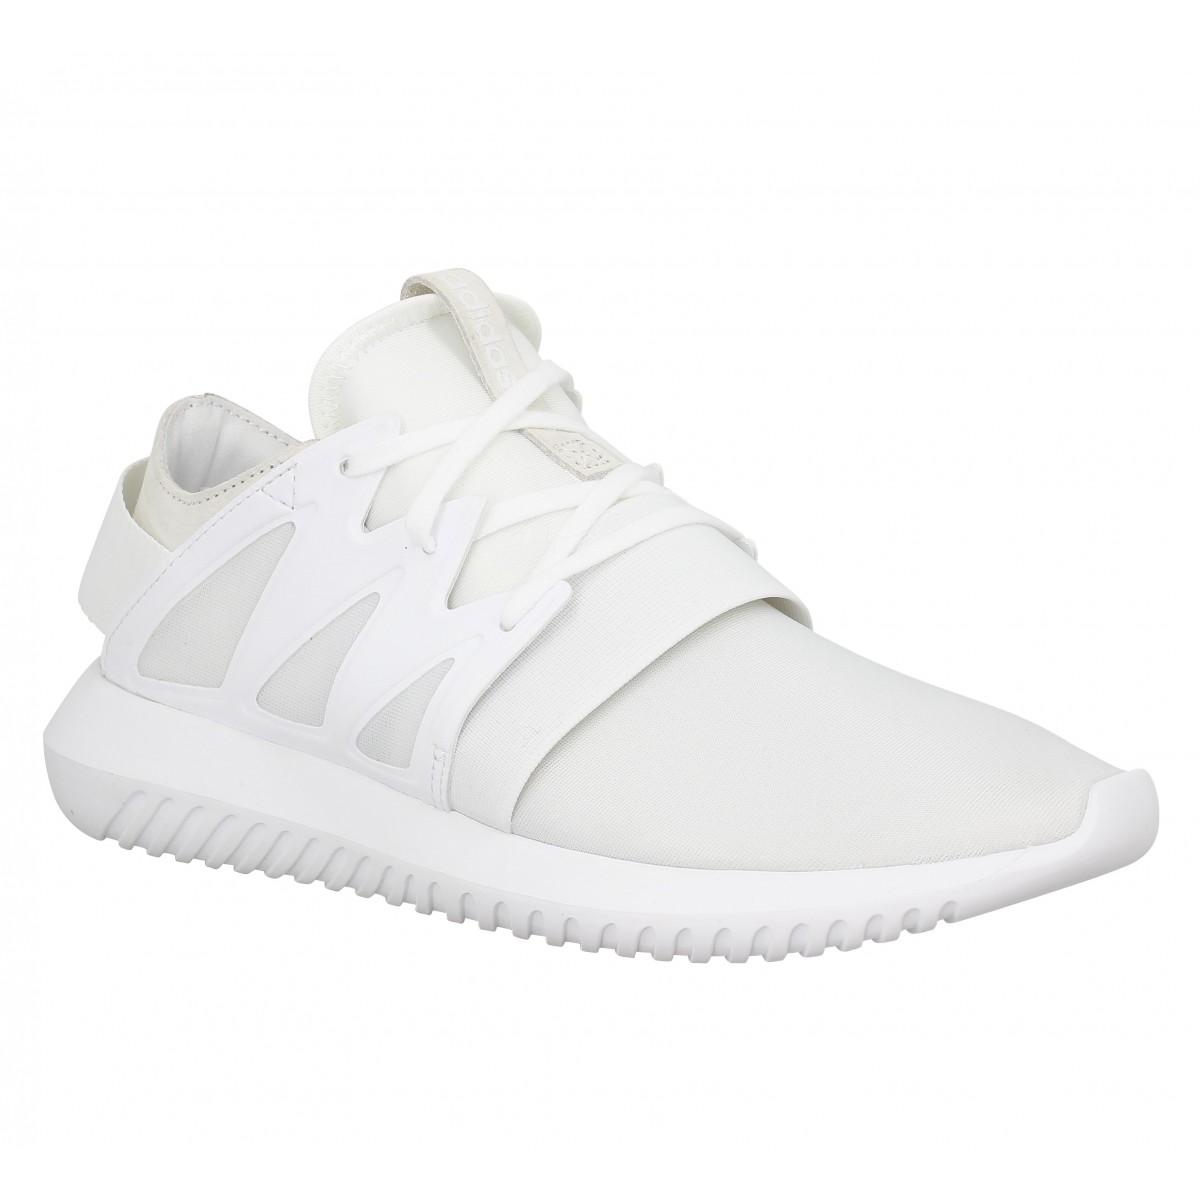 vente en ligne adidas,Chaussure Homme Pas Cher Rapid City Fr